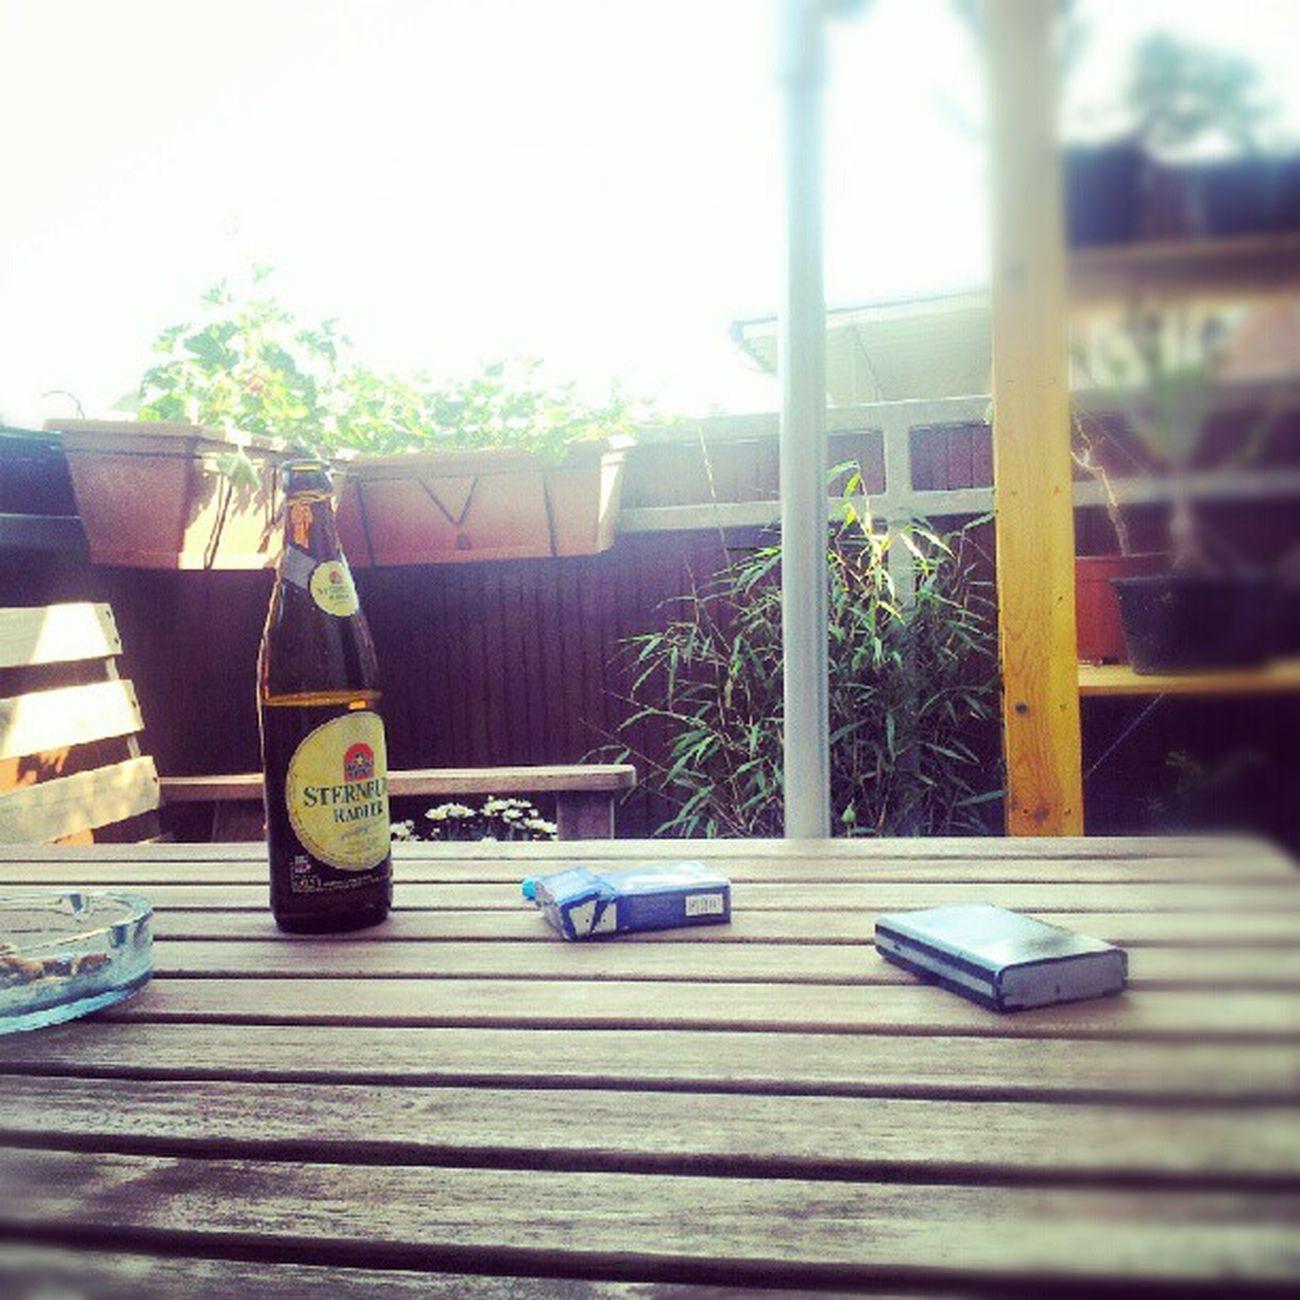 Sommer auf dem Balkon mit kaltem Sterni Radler und kippen